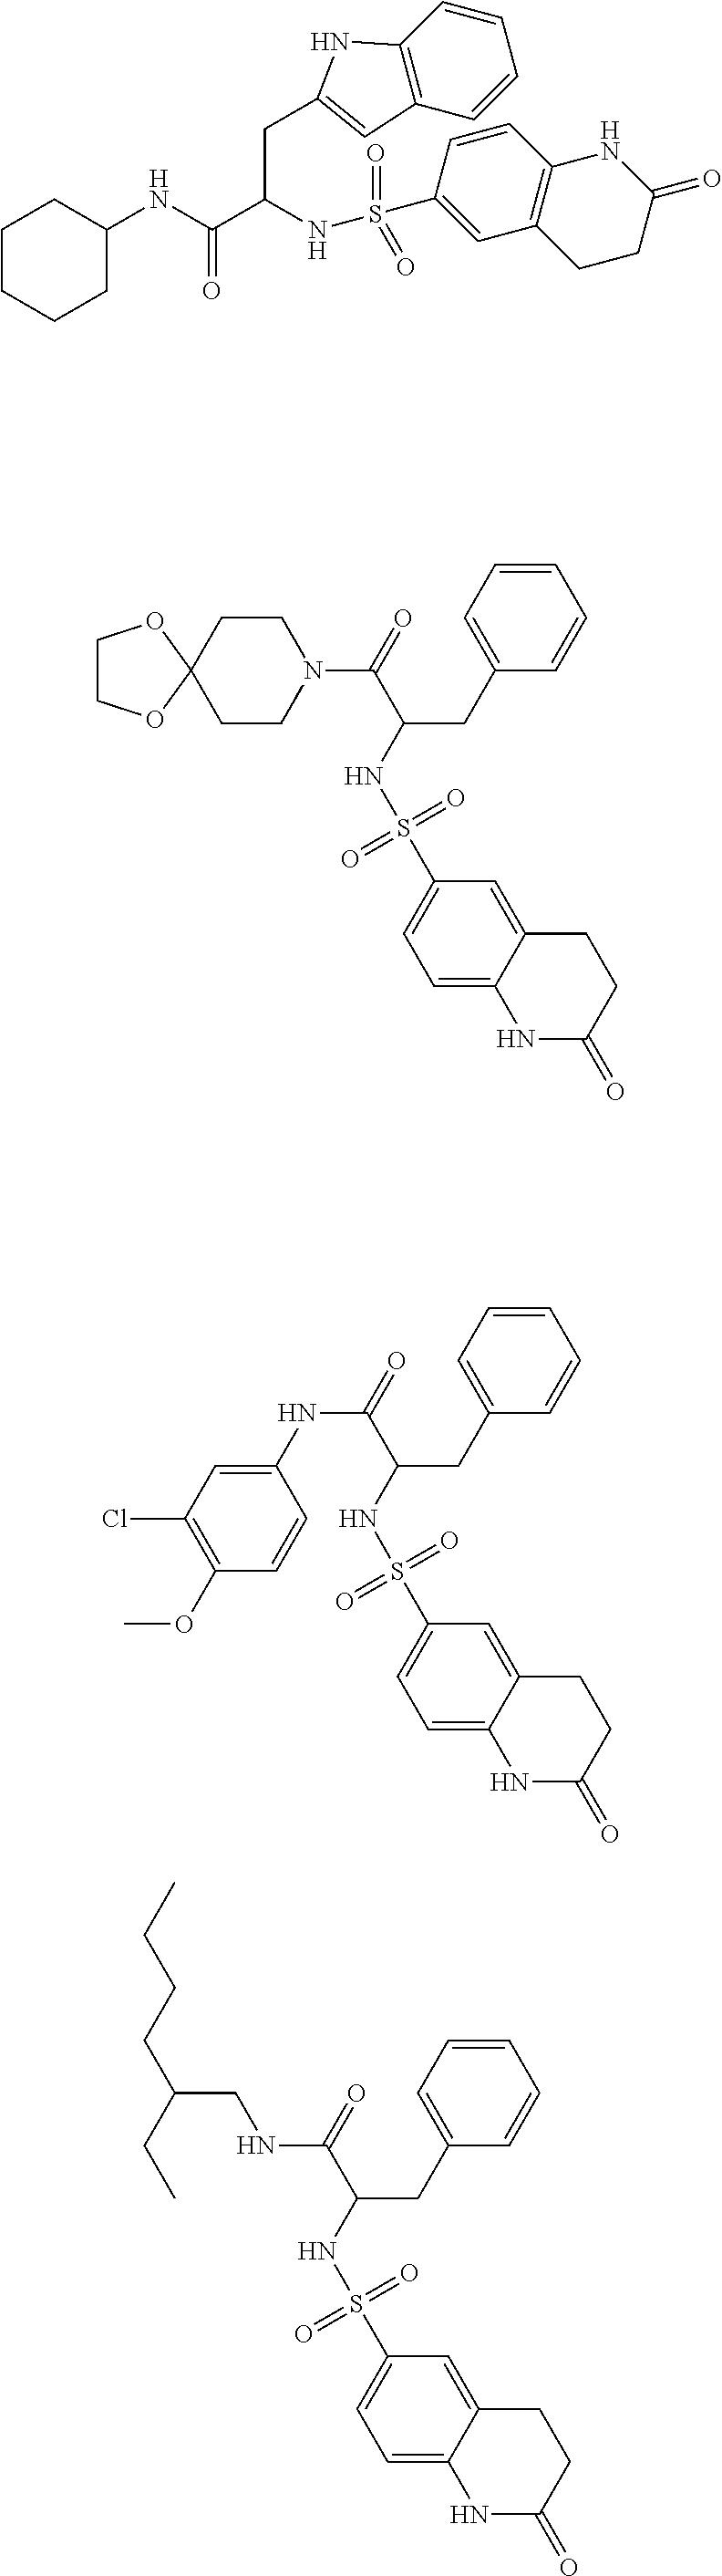 Figure US08957075-20150217-C00042